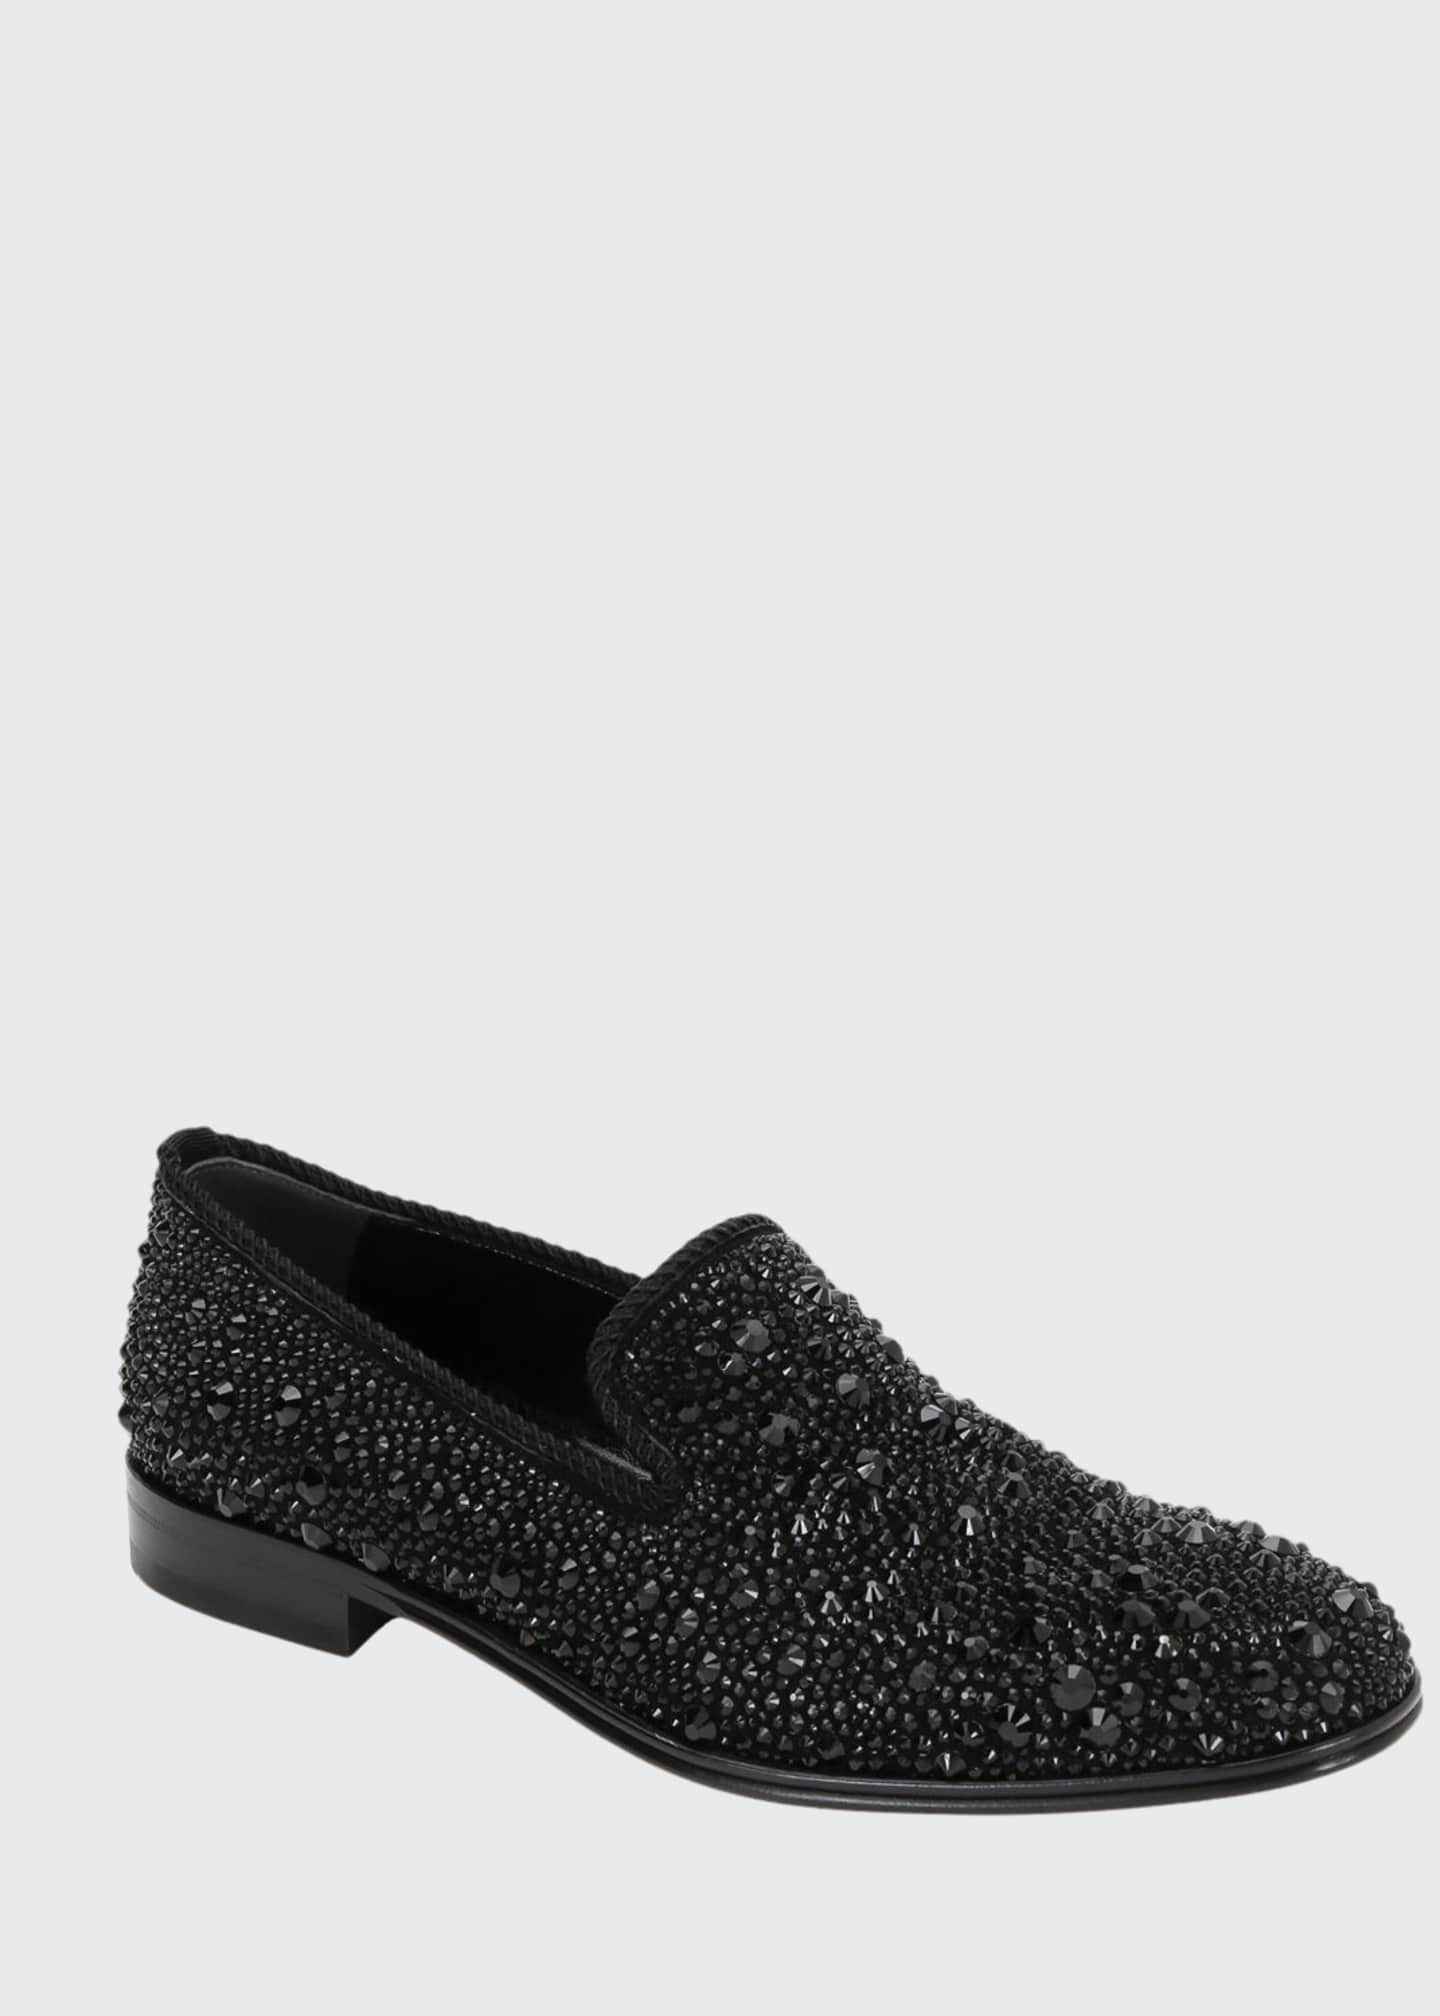 Alexander McQueen Men's Crystal-Embellished Formal Slip-On Shoes